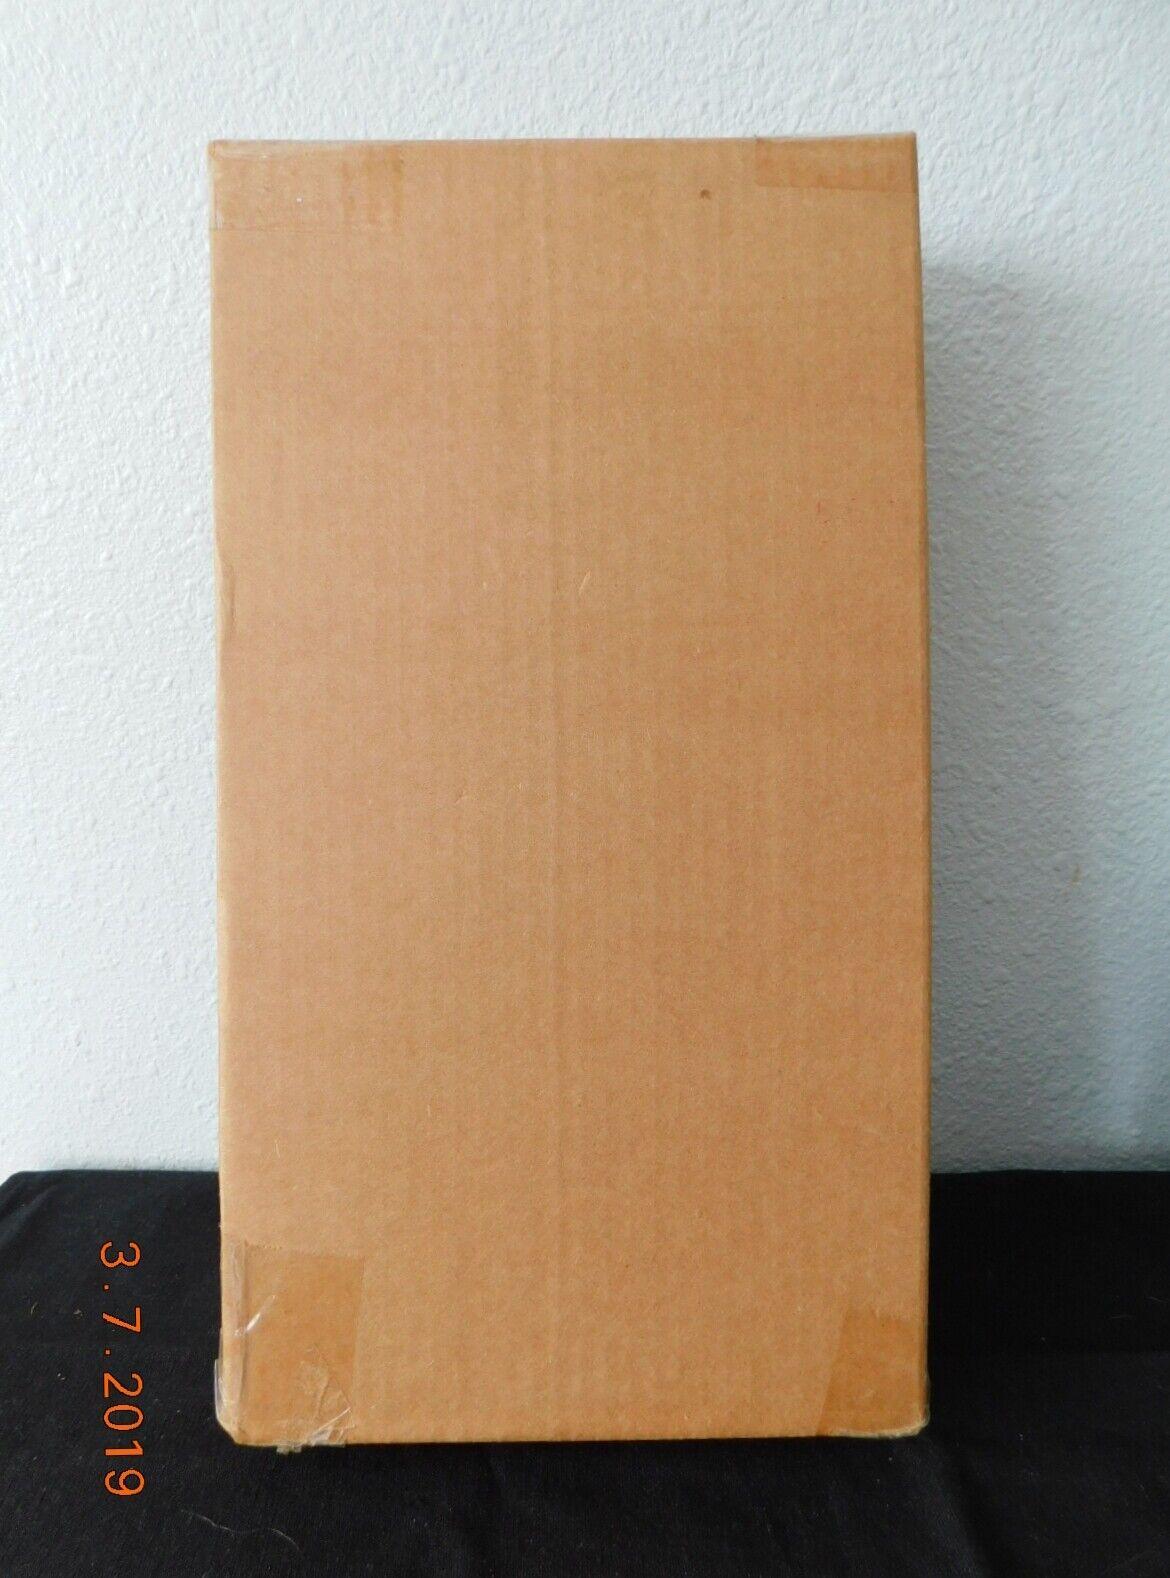 Menta en caja de correo.. 90210 Dylan Luke Perry estrella adolescente 1991 Mattel nunca quitado de la Caja Sellada